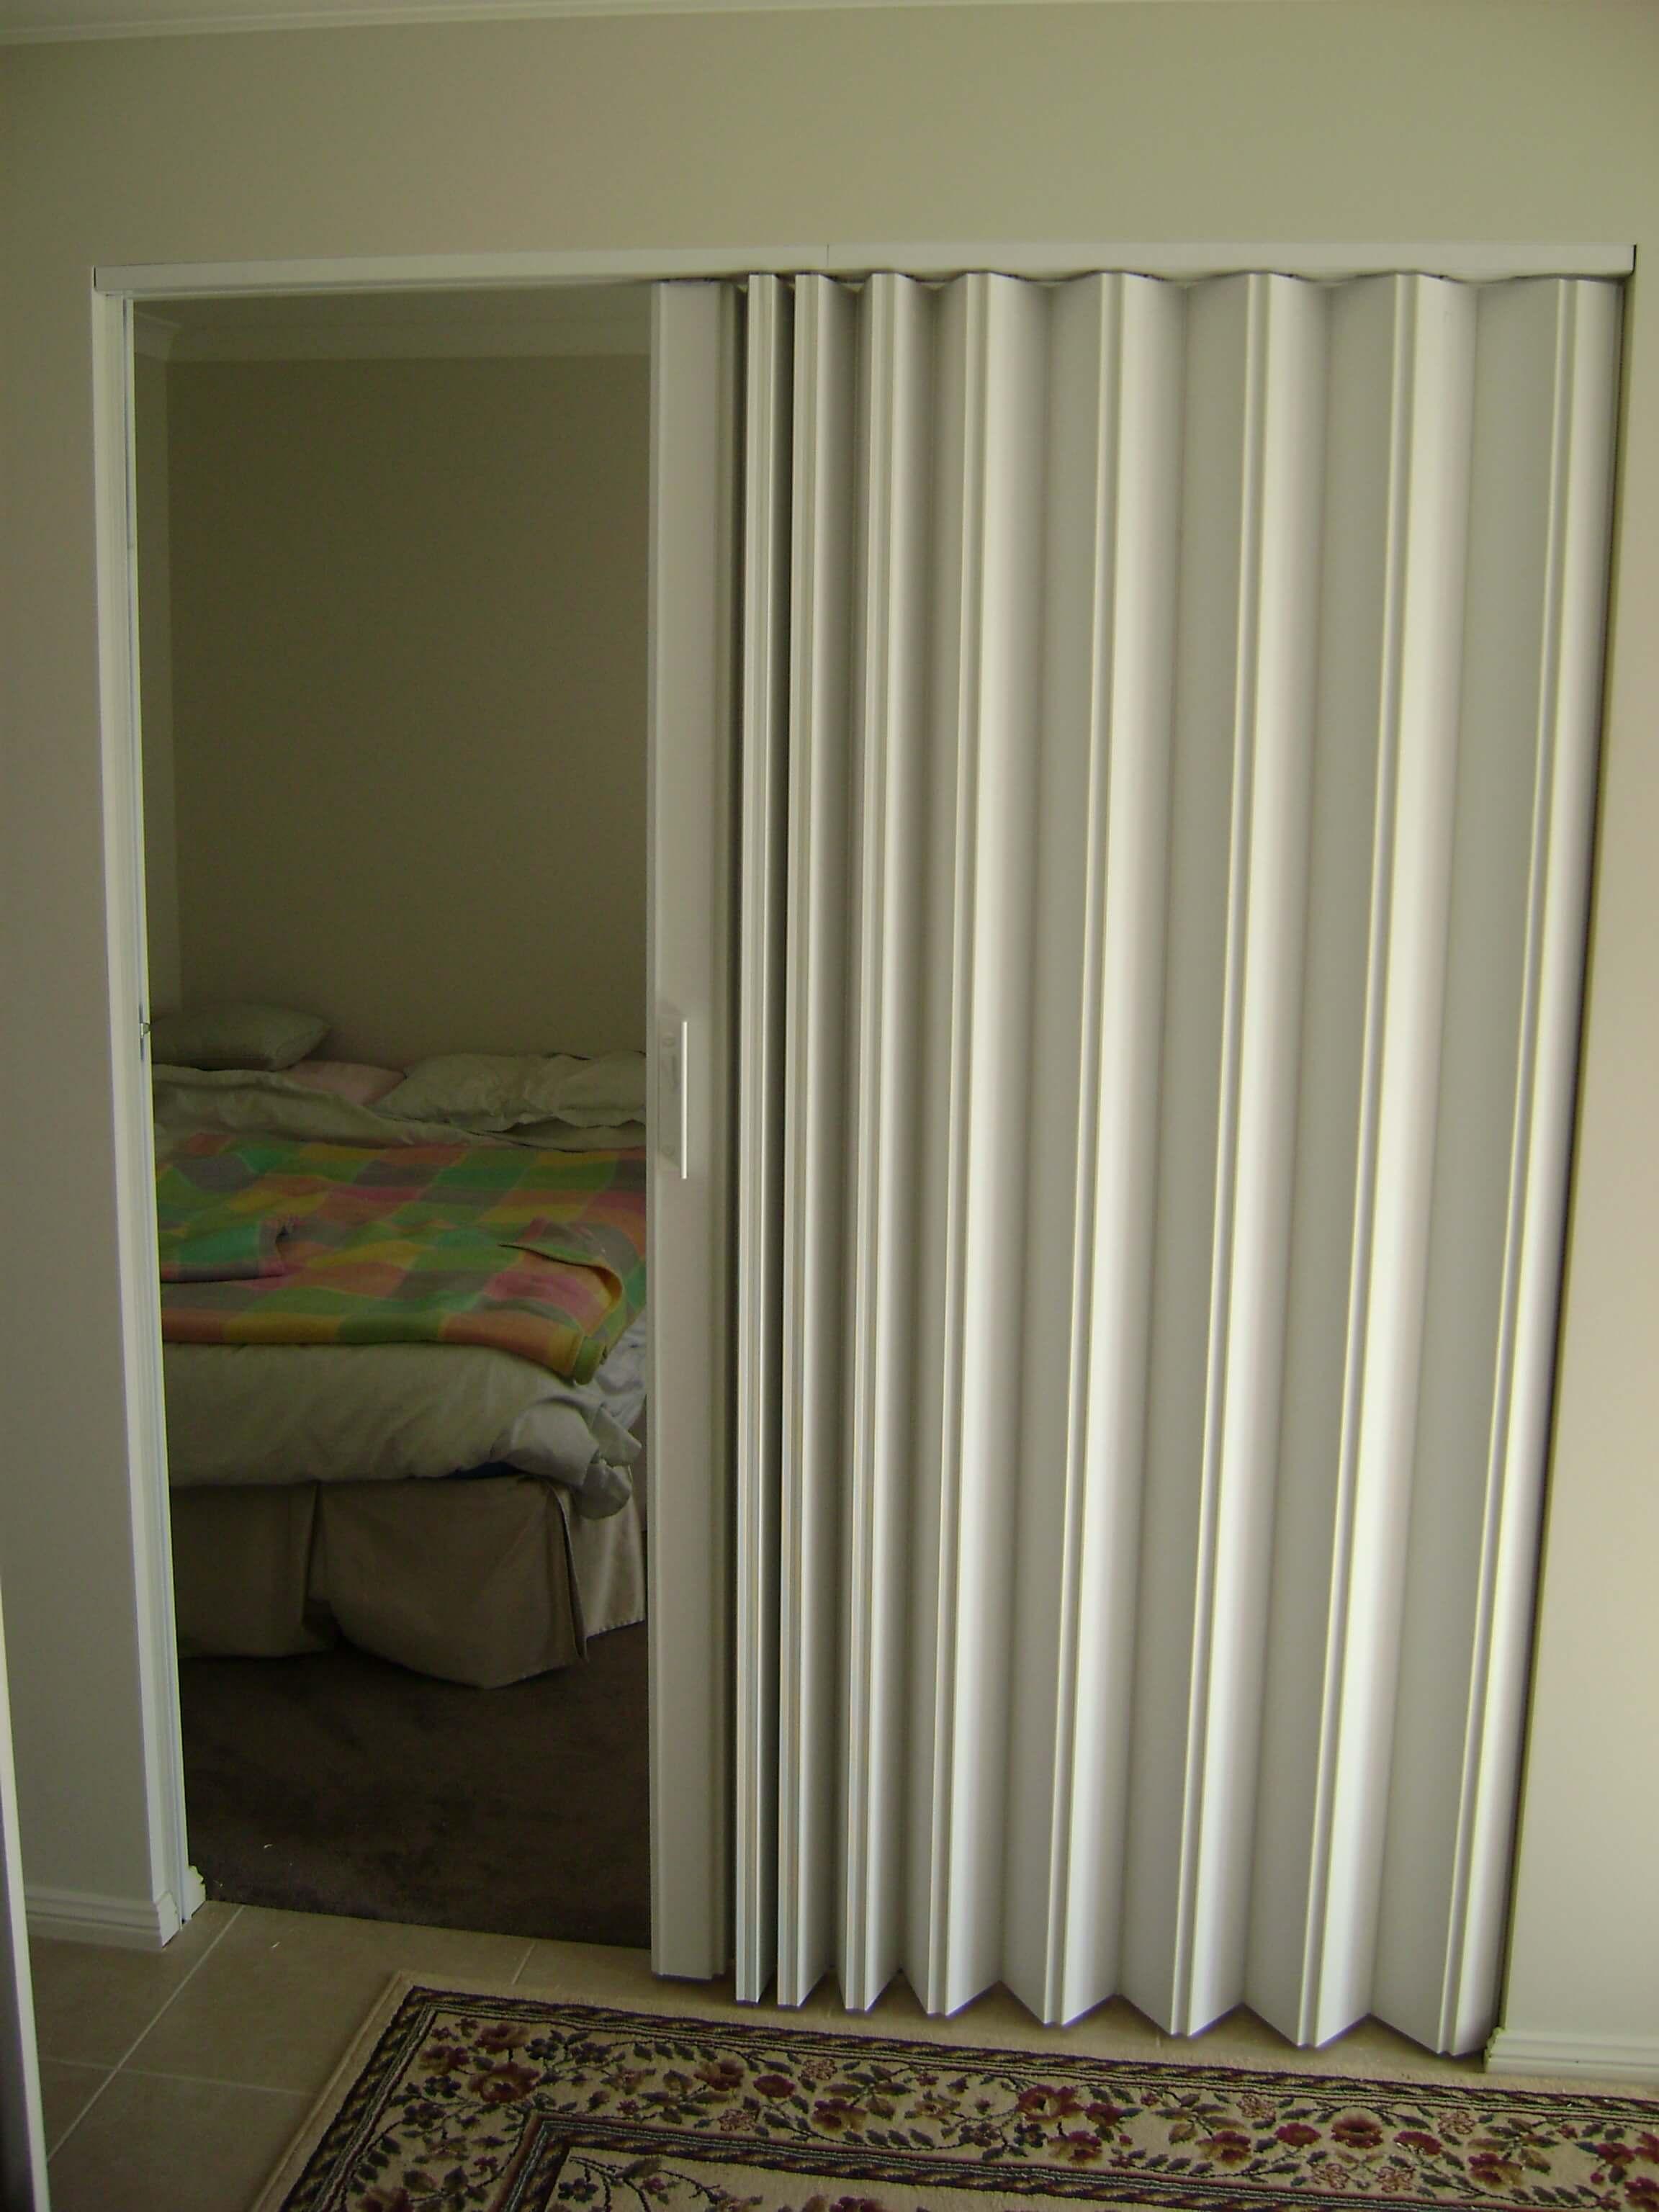 Concertina and Room Divider Doors - alldoorsvic.com